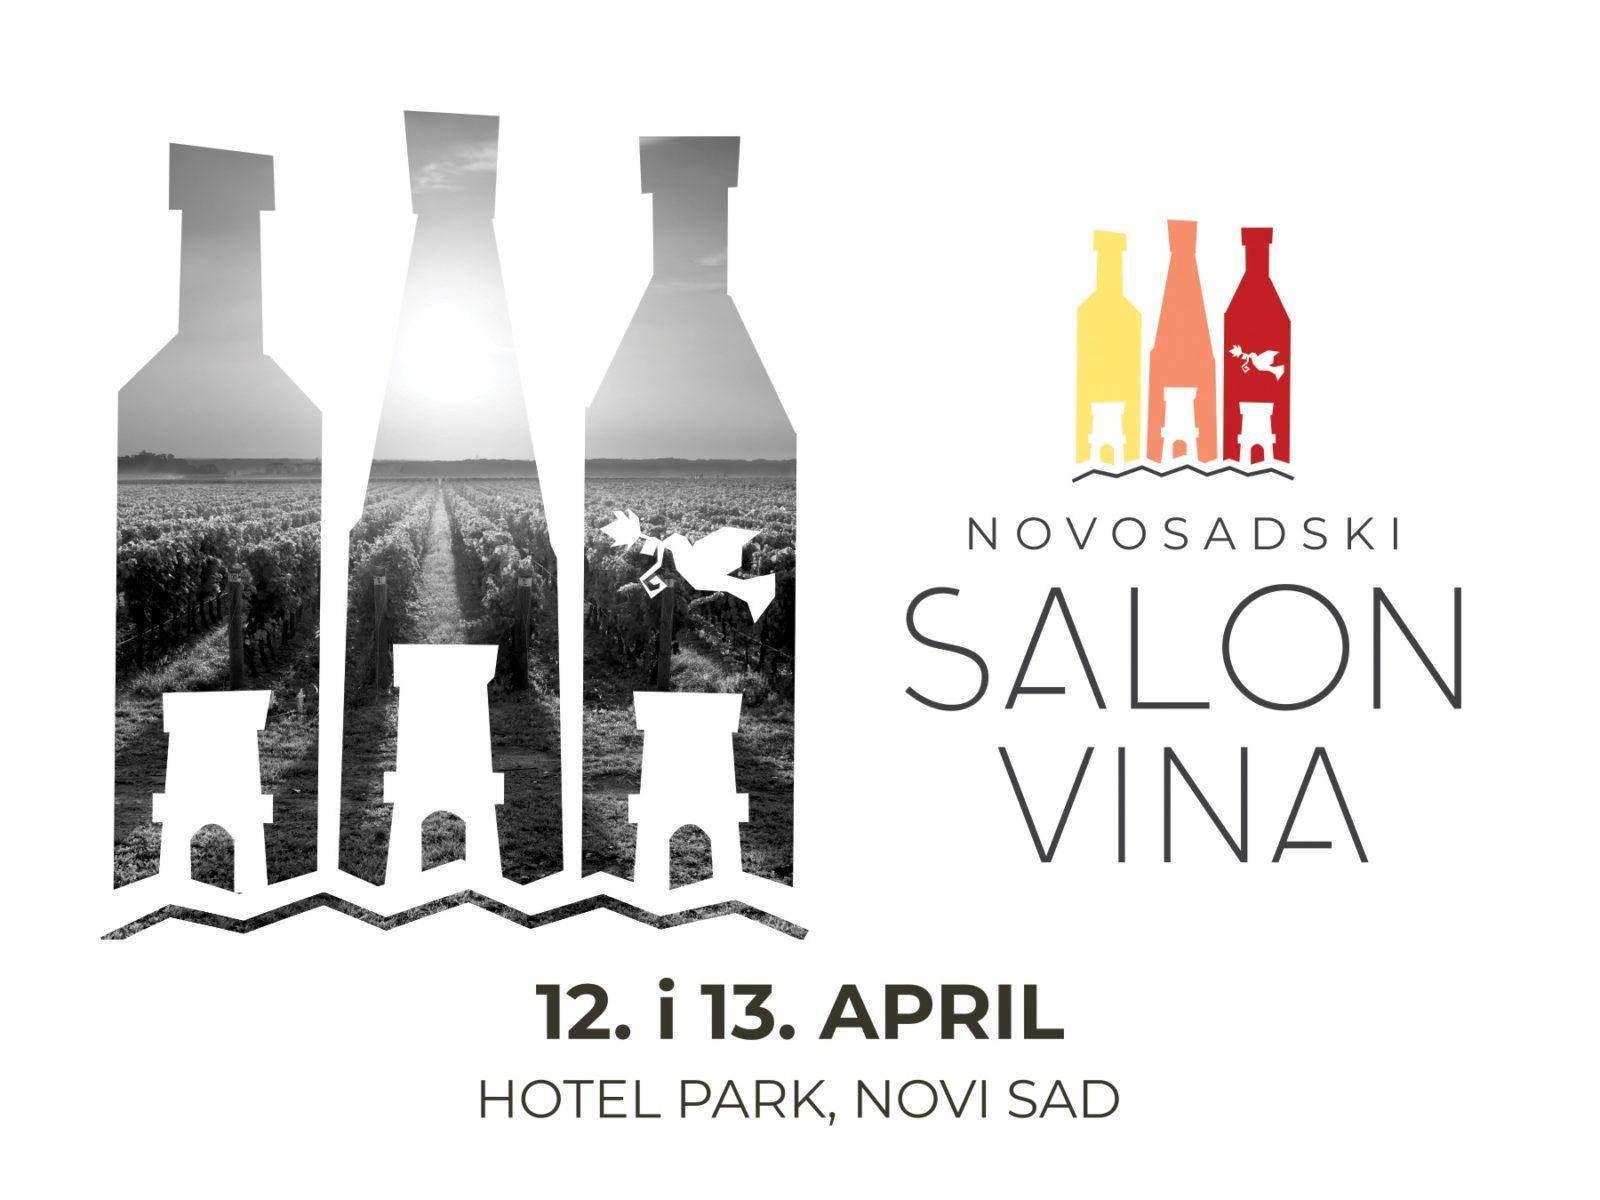 Novosadski salon vina 12. i 13. aprila u Hotelu Park